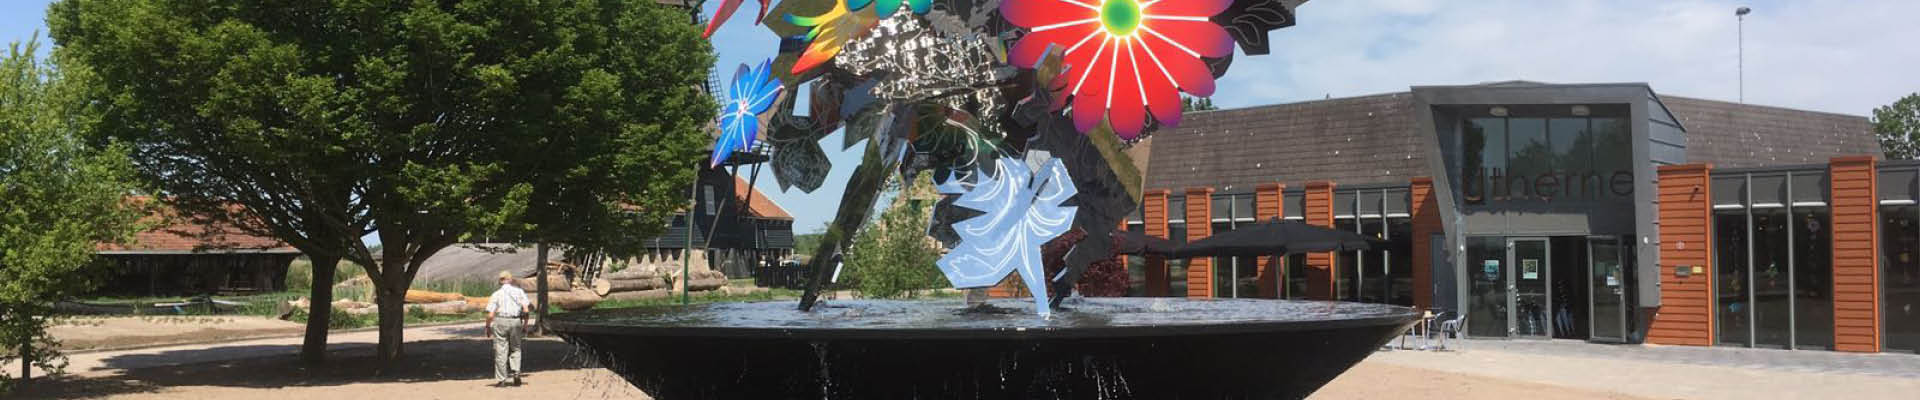 artistieke fontein in friesland